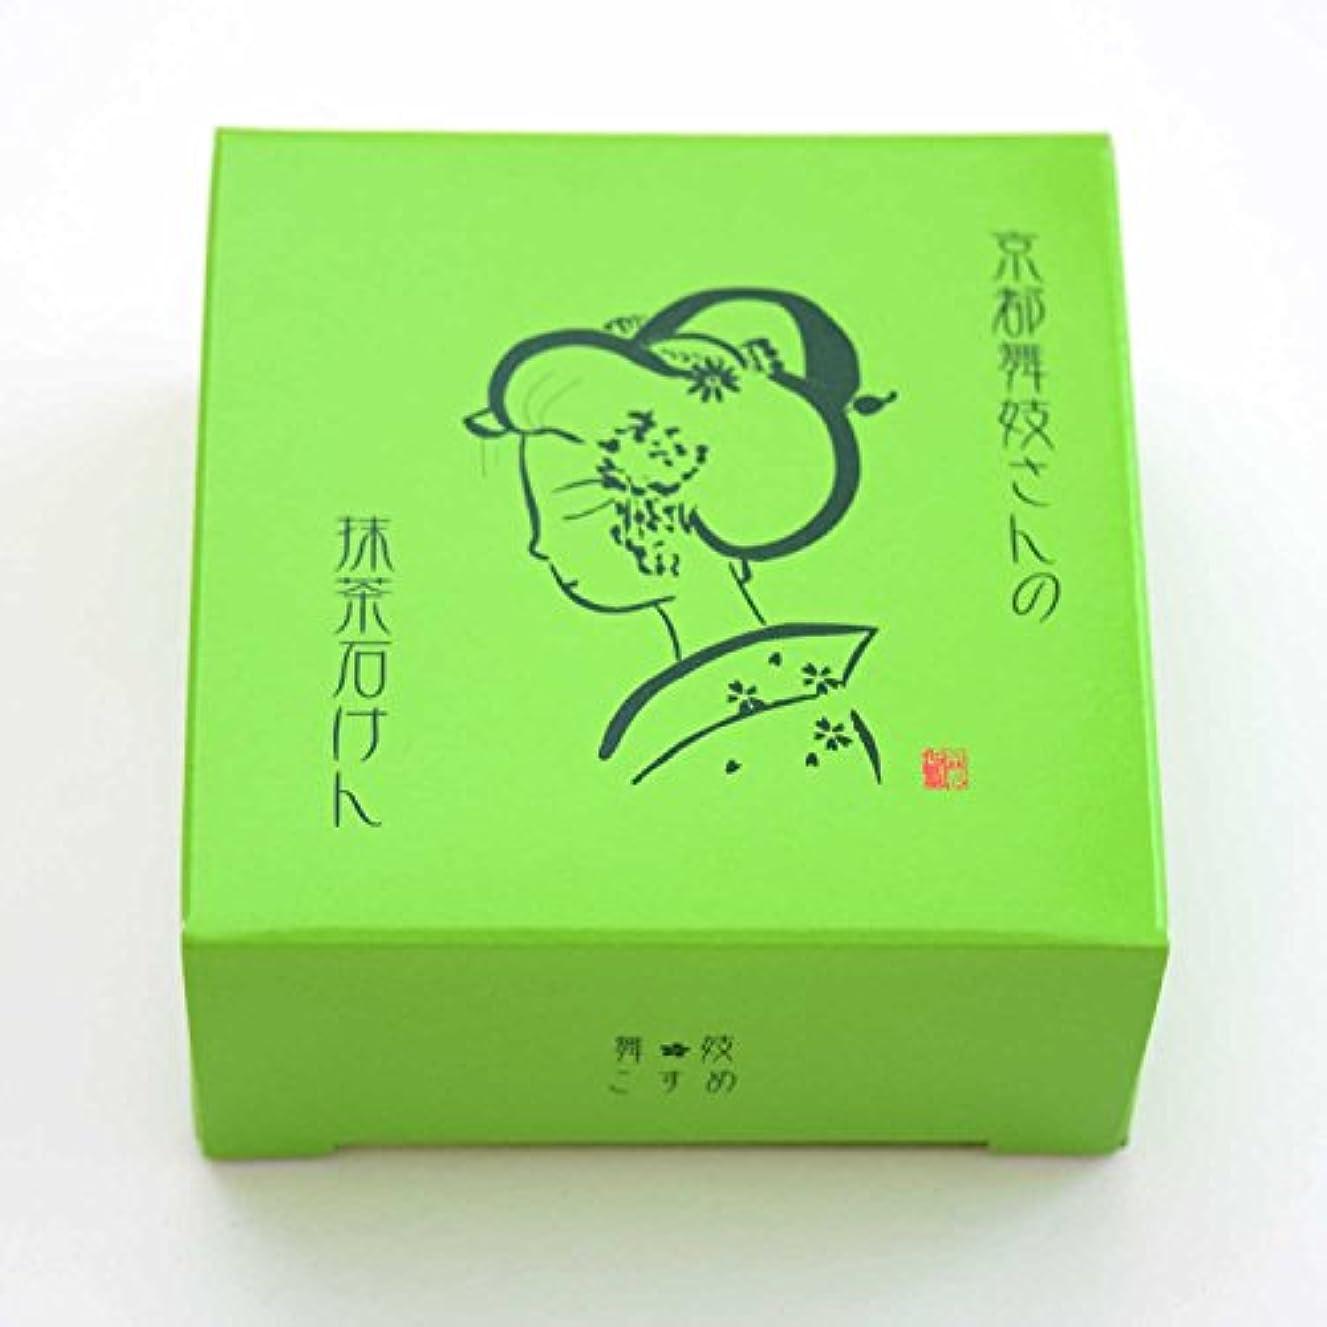 食堂ファームマーティンルーサーキングジュニア京都限定 舞妓さんの抹茶石鹸 茶エキス配合 無香料